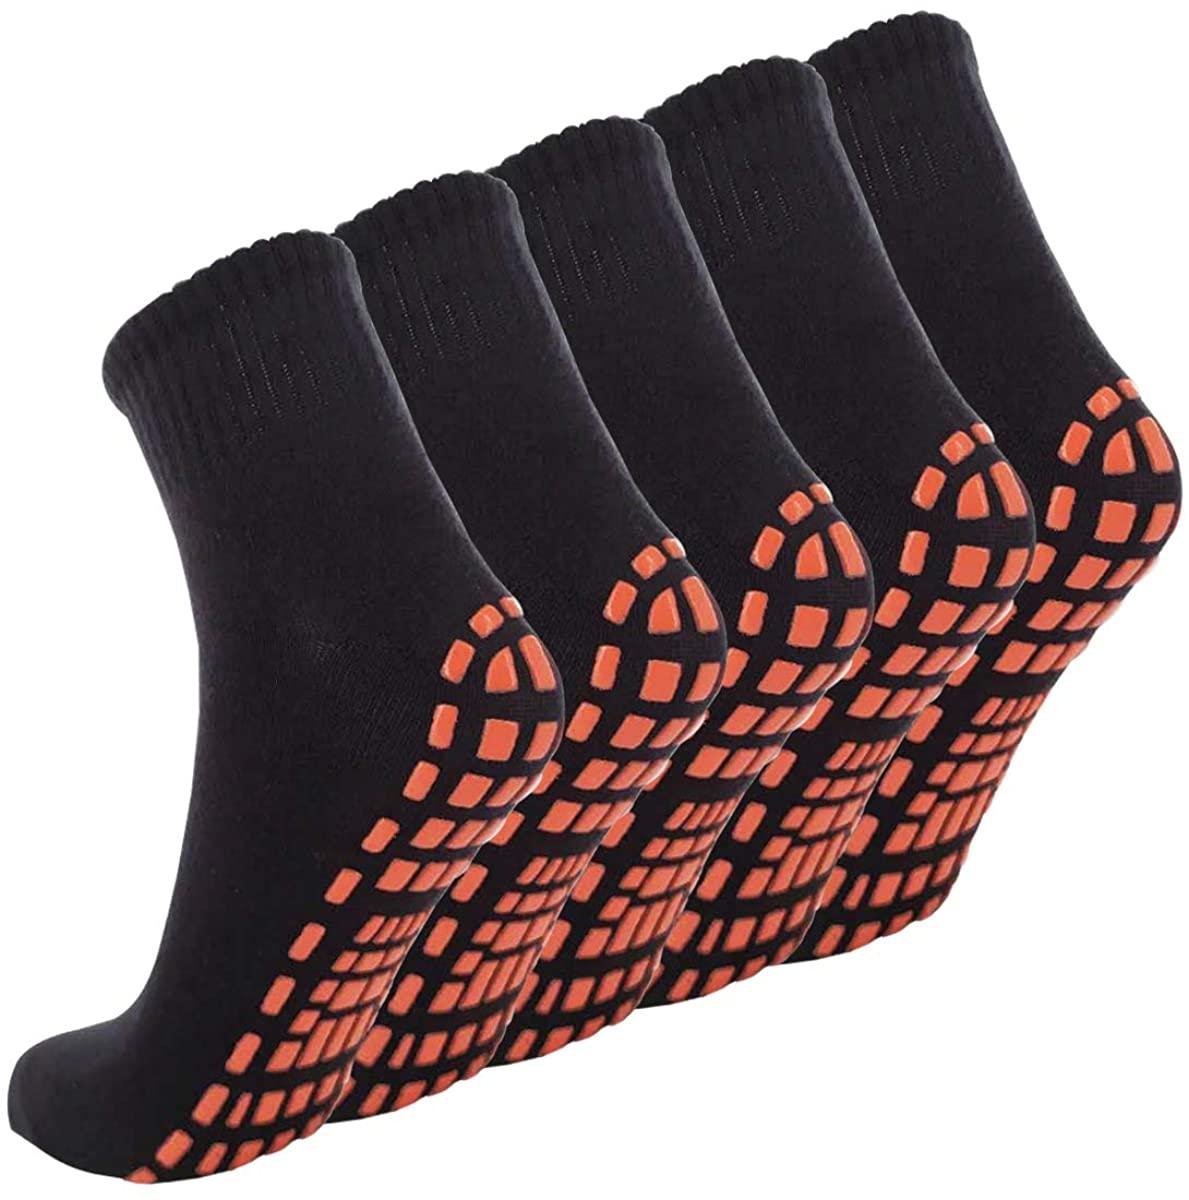 NOVAYARD Non Skid Socks for Women Men Yoga Pilates Exercise With Grips Non Slip Hospital Socks 5 Pair